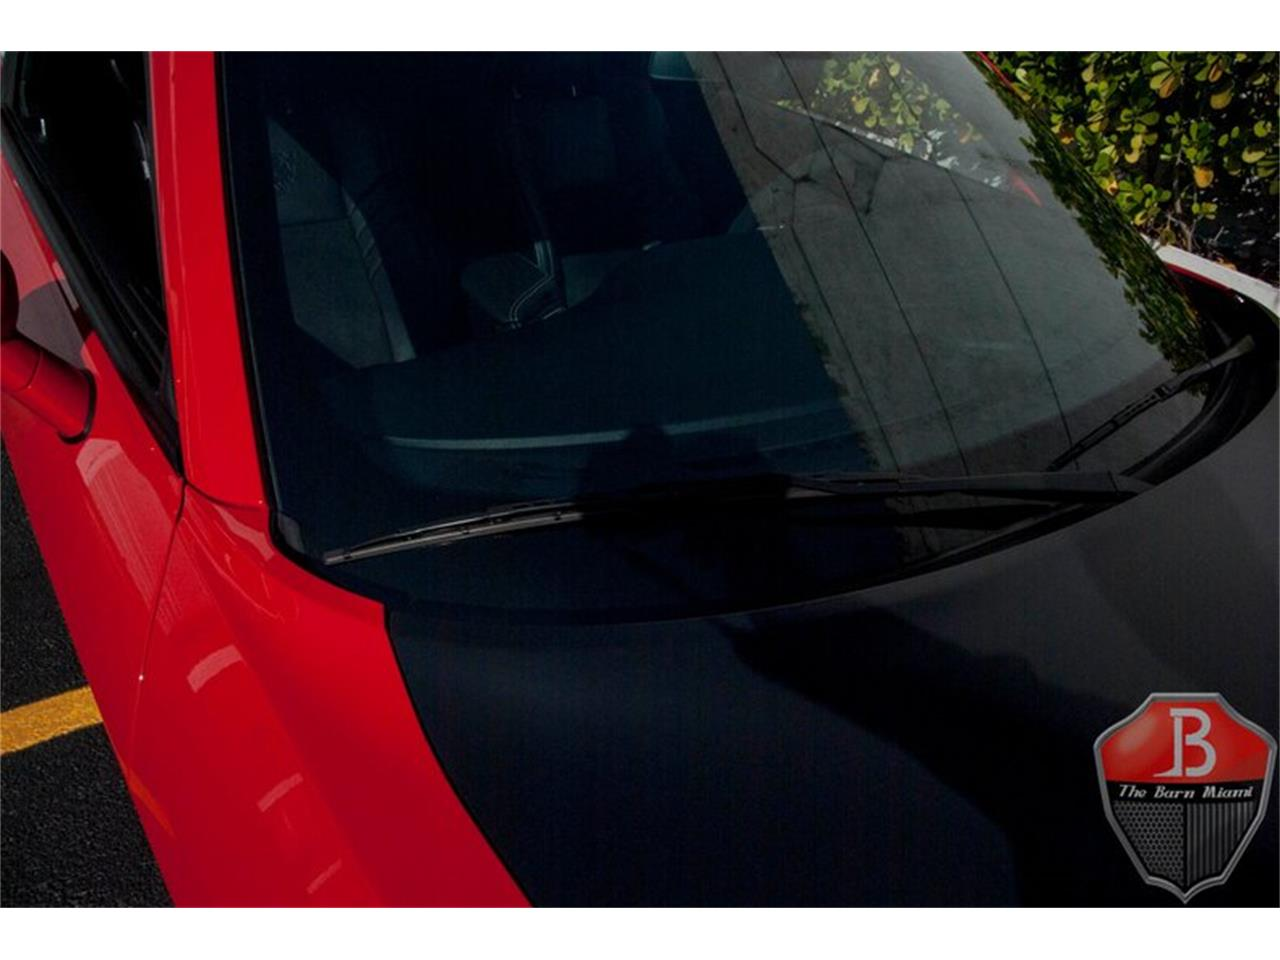 2018 Dodge Demon (CC-1301410) for sale in Miami, Florida